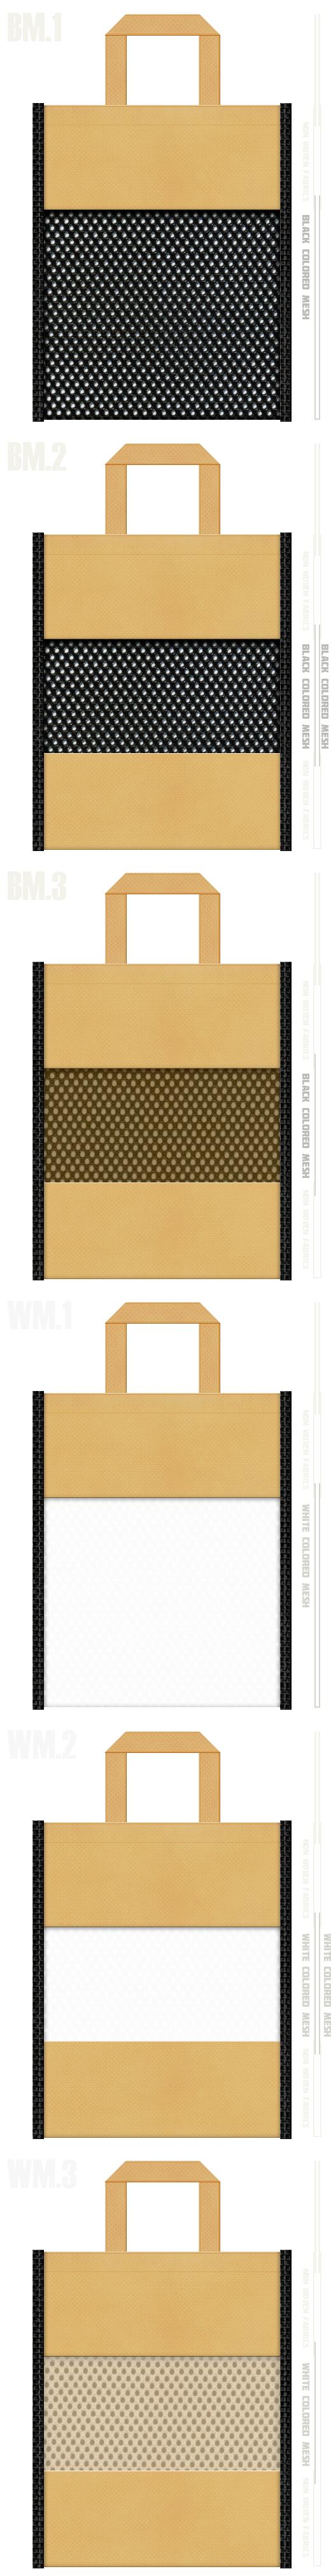 フラットタイプのメッシュバッグのカラーシミュレーション:黒色・白色メッシュと薄黄土色不織布の組み合わせ